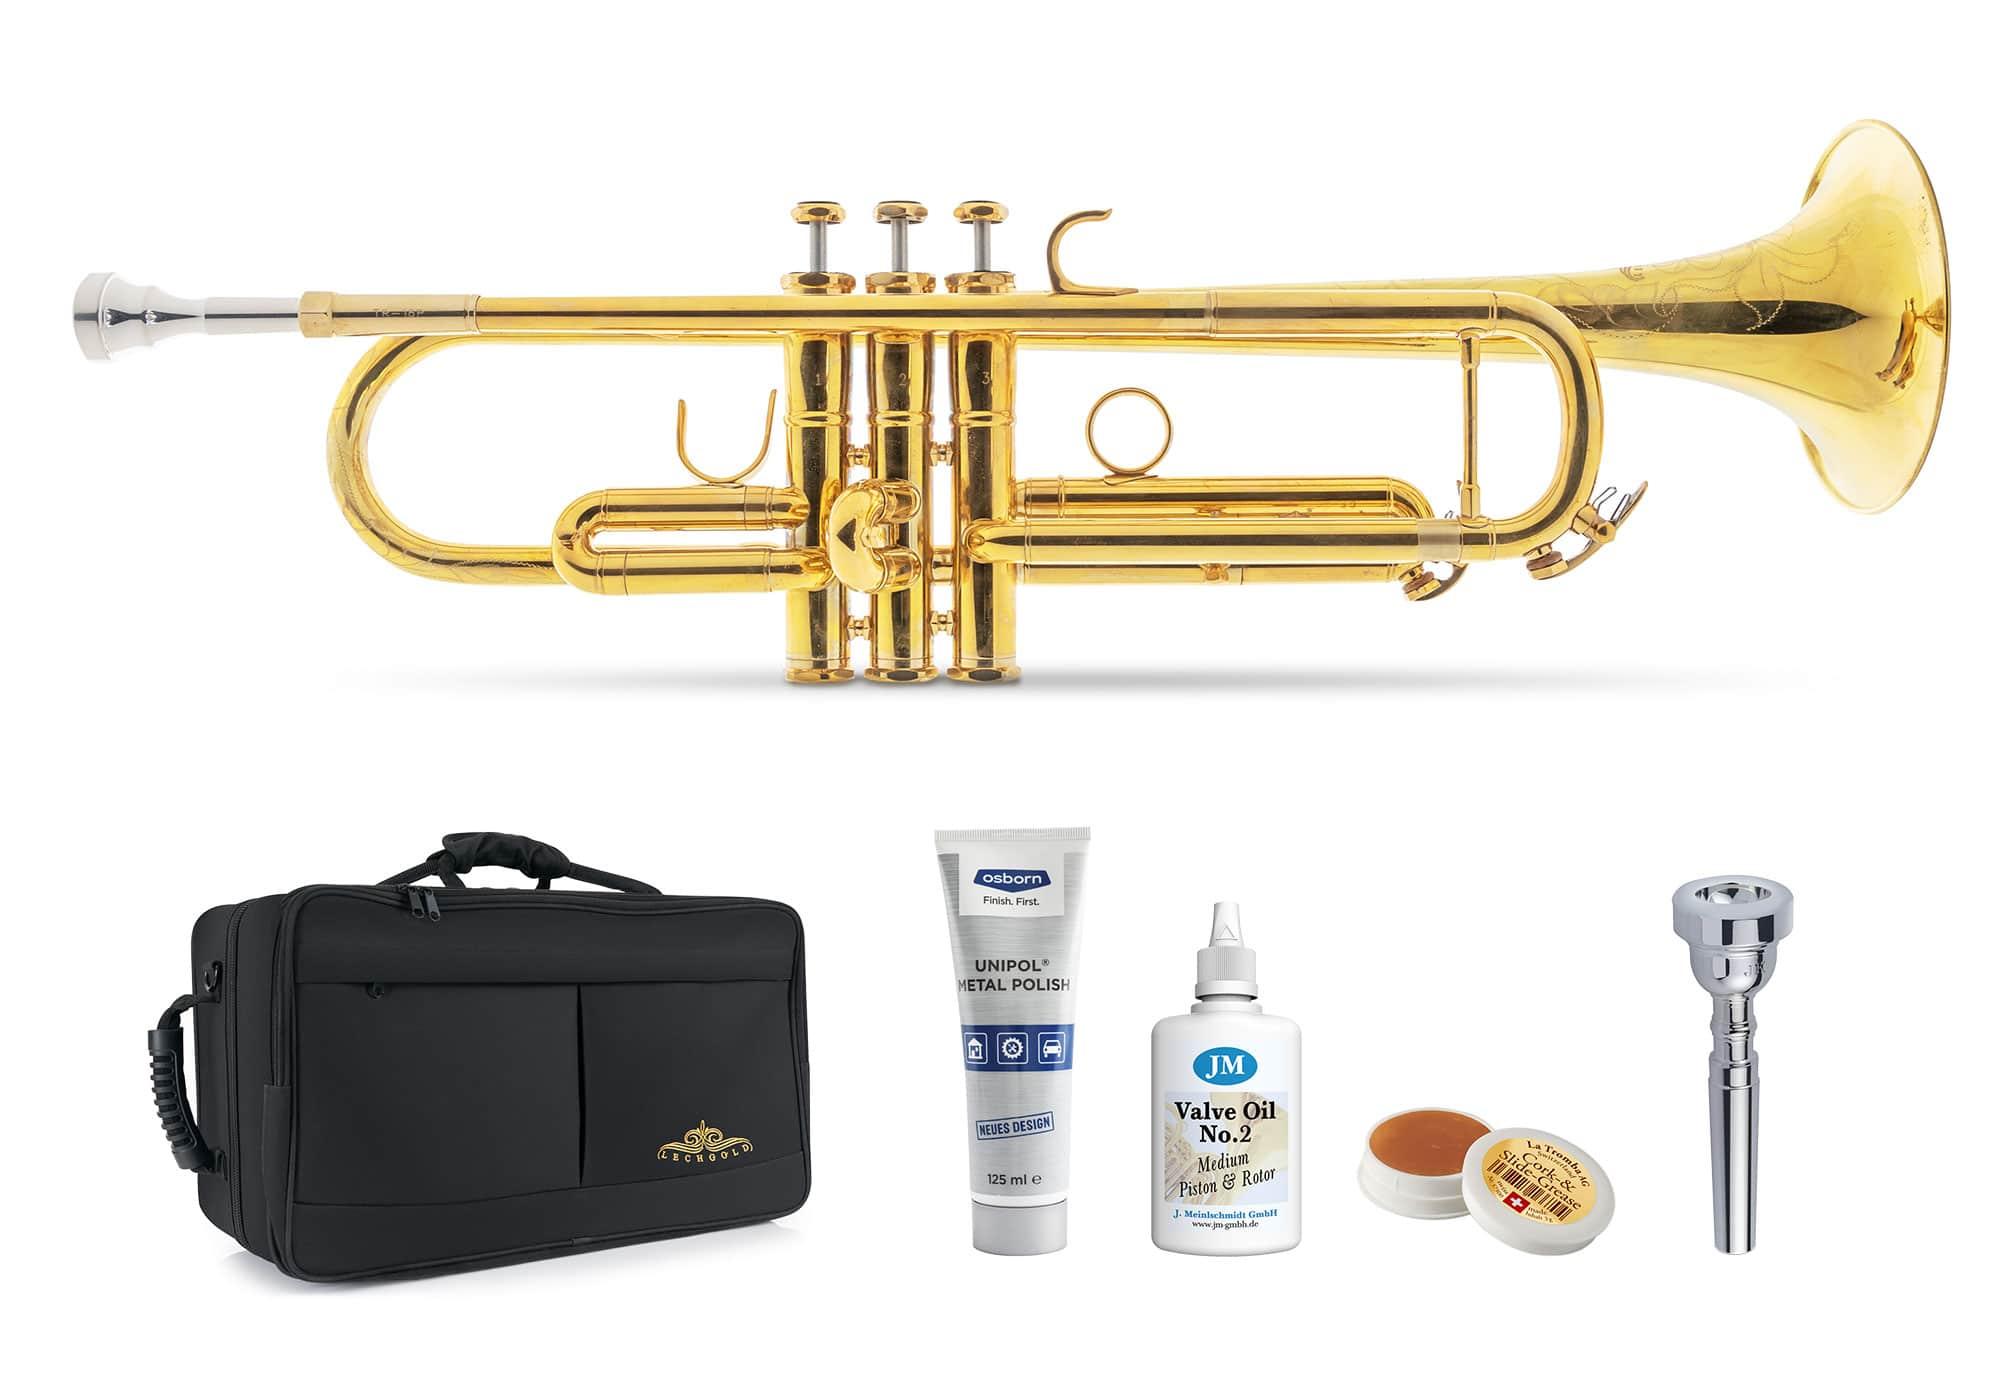 Trompeten - Lechgold TR 16R Bb Trompete unbehandelt Deluxe Set - Onlineshop Musikhaus Kirstein